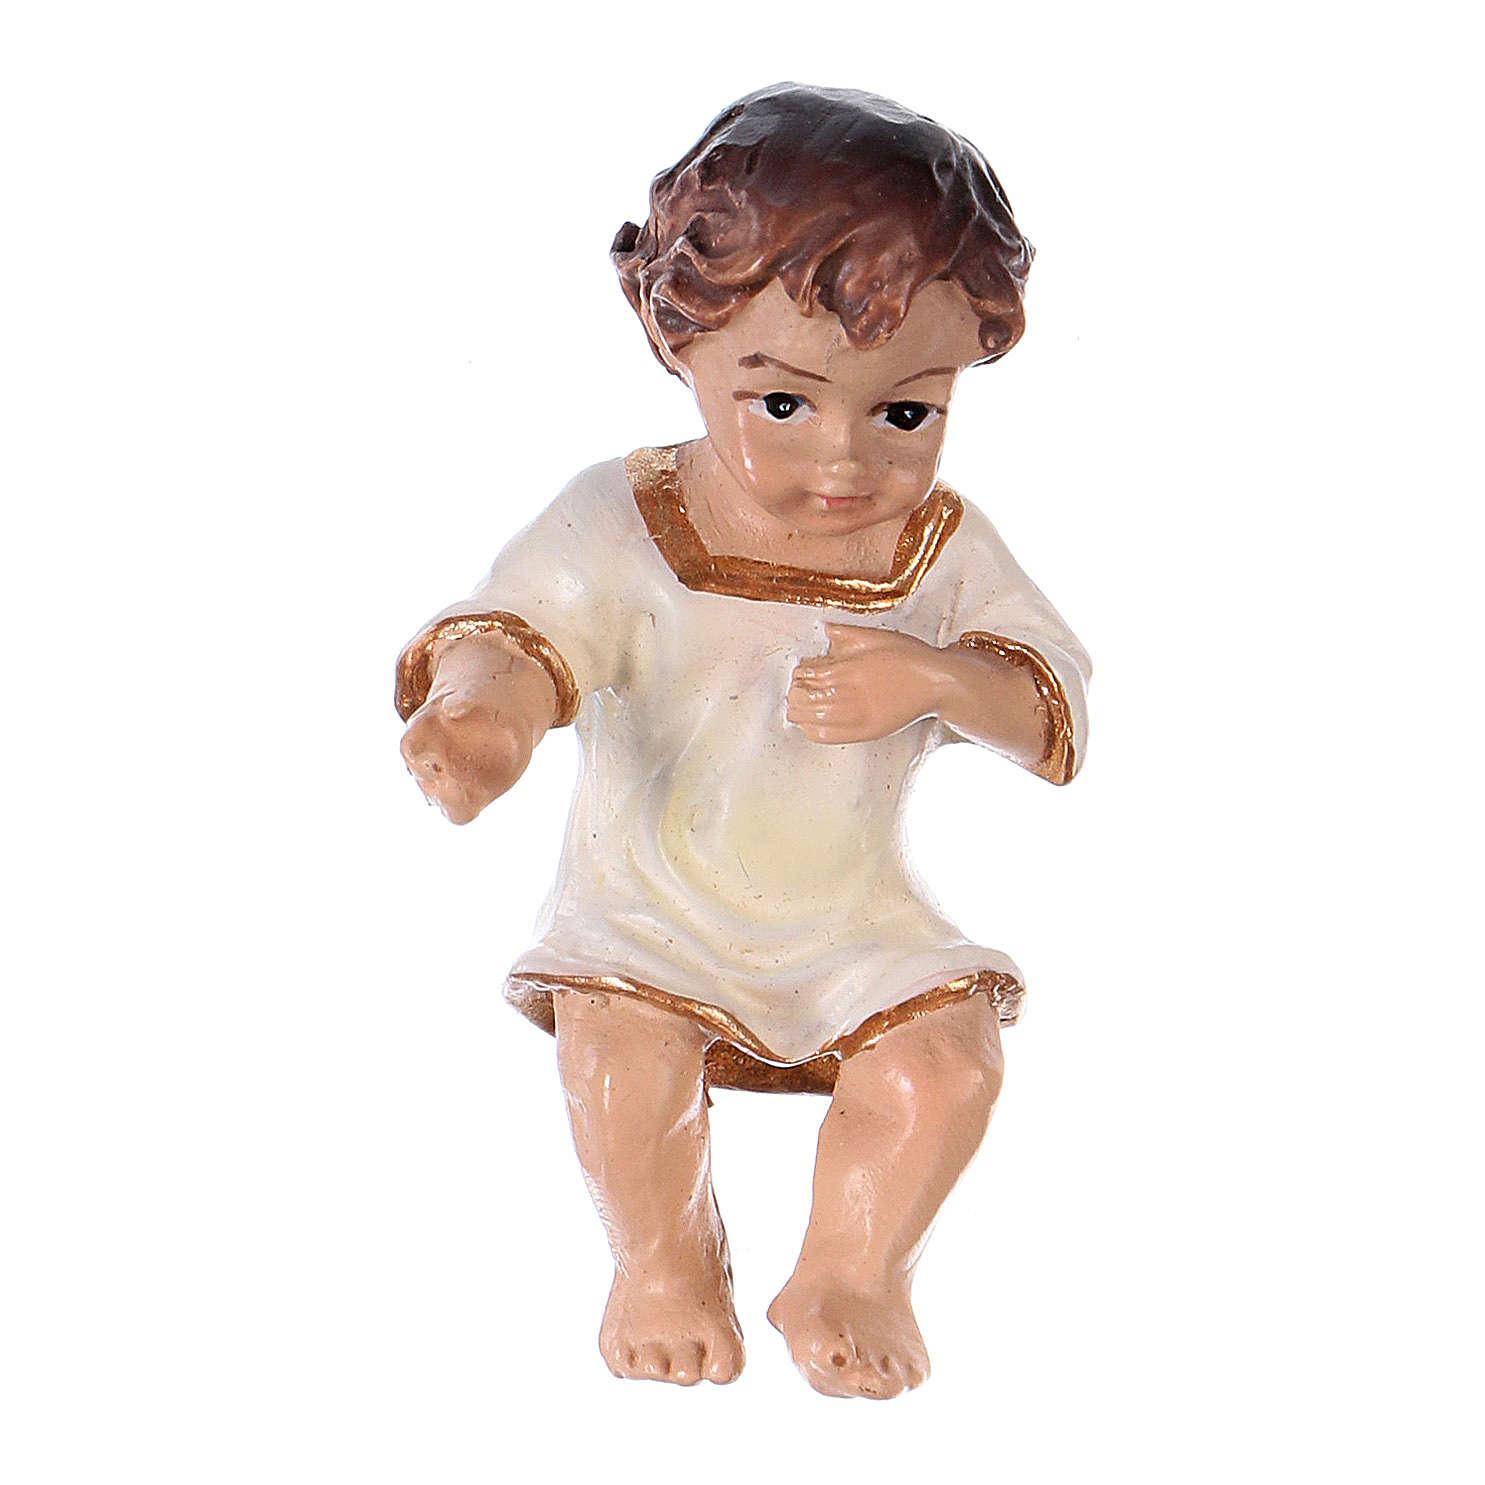 Figurka Jezuska w białej szacie 4,5 cm h rzeczywista żywica 3